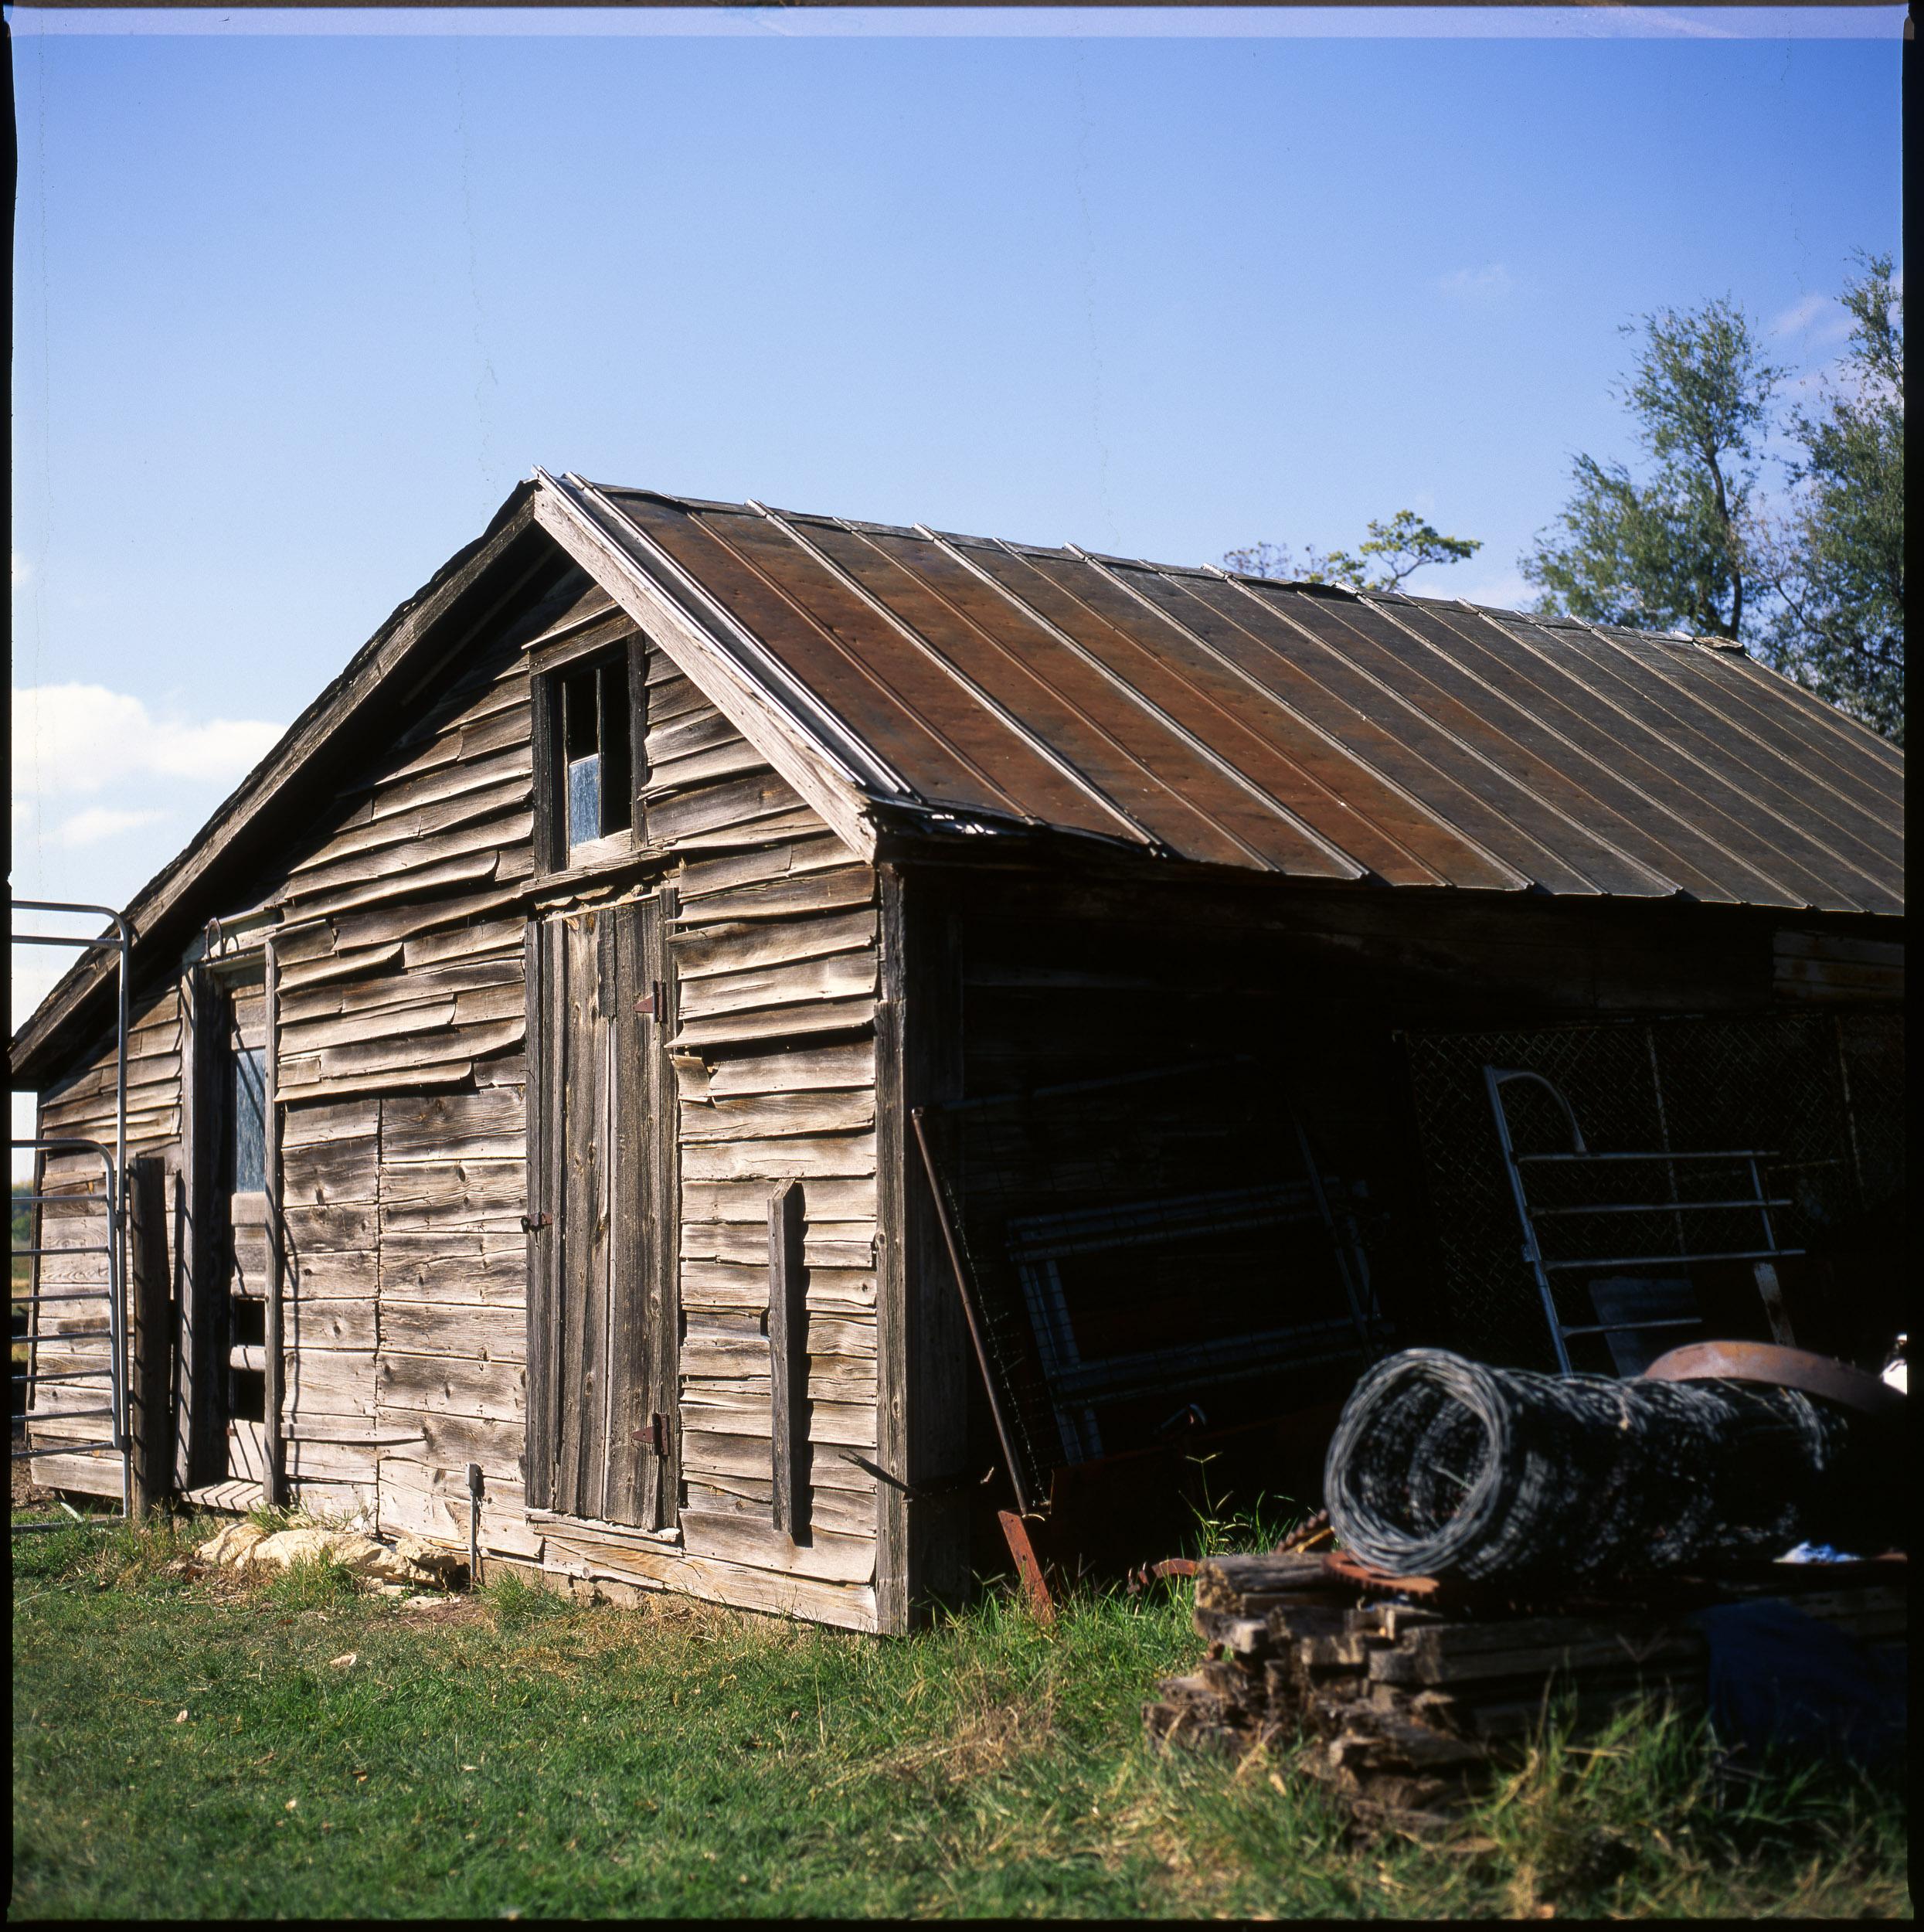 St.John_Kansas_AndrewWhite-106.JPG